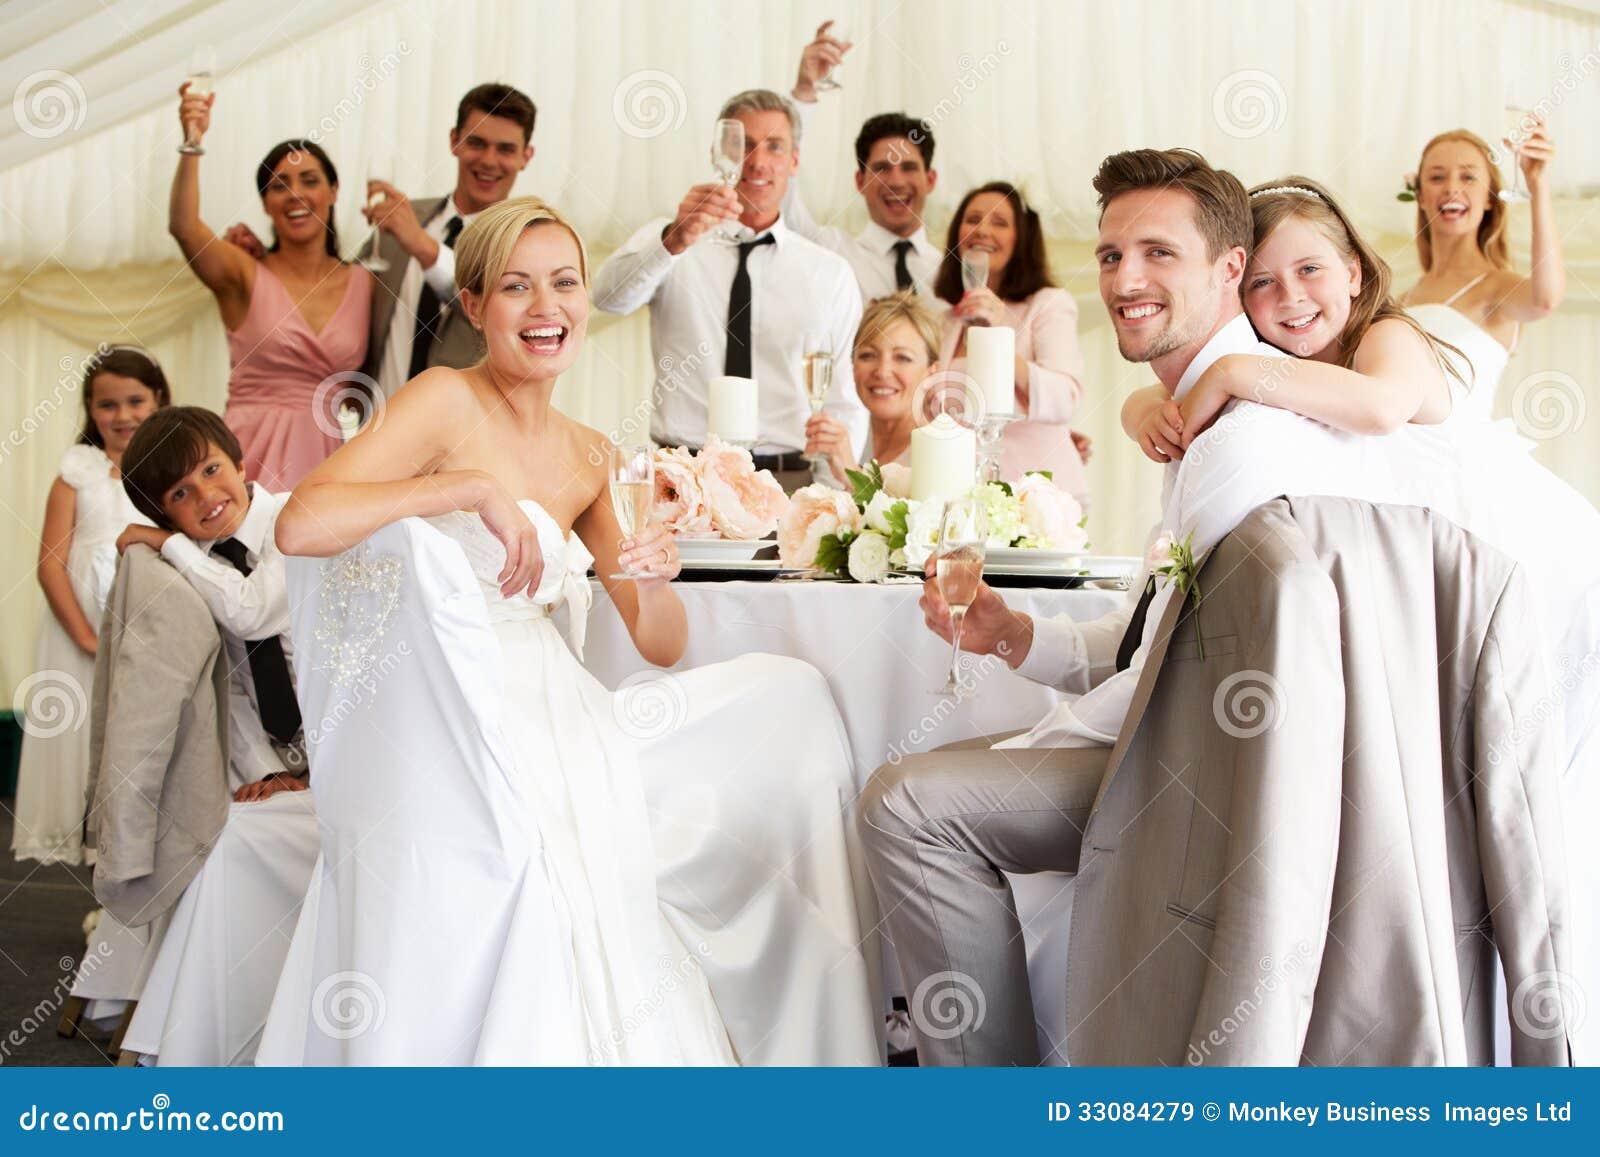 Novia y novio Celebrating With Guests en la recepción